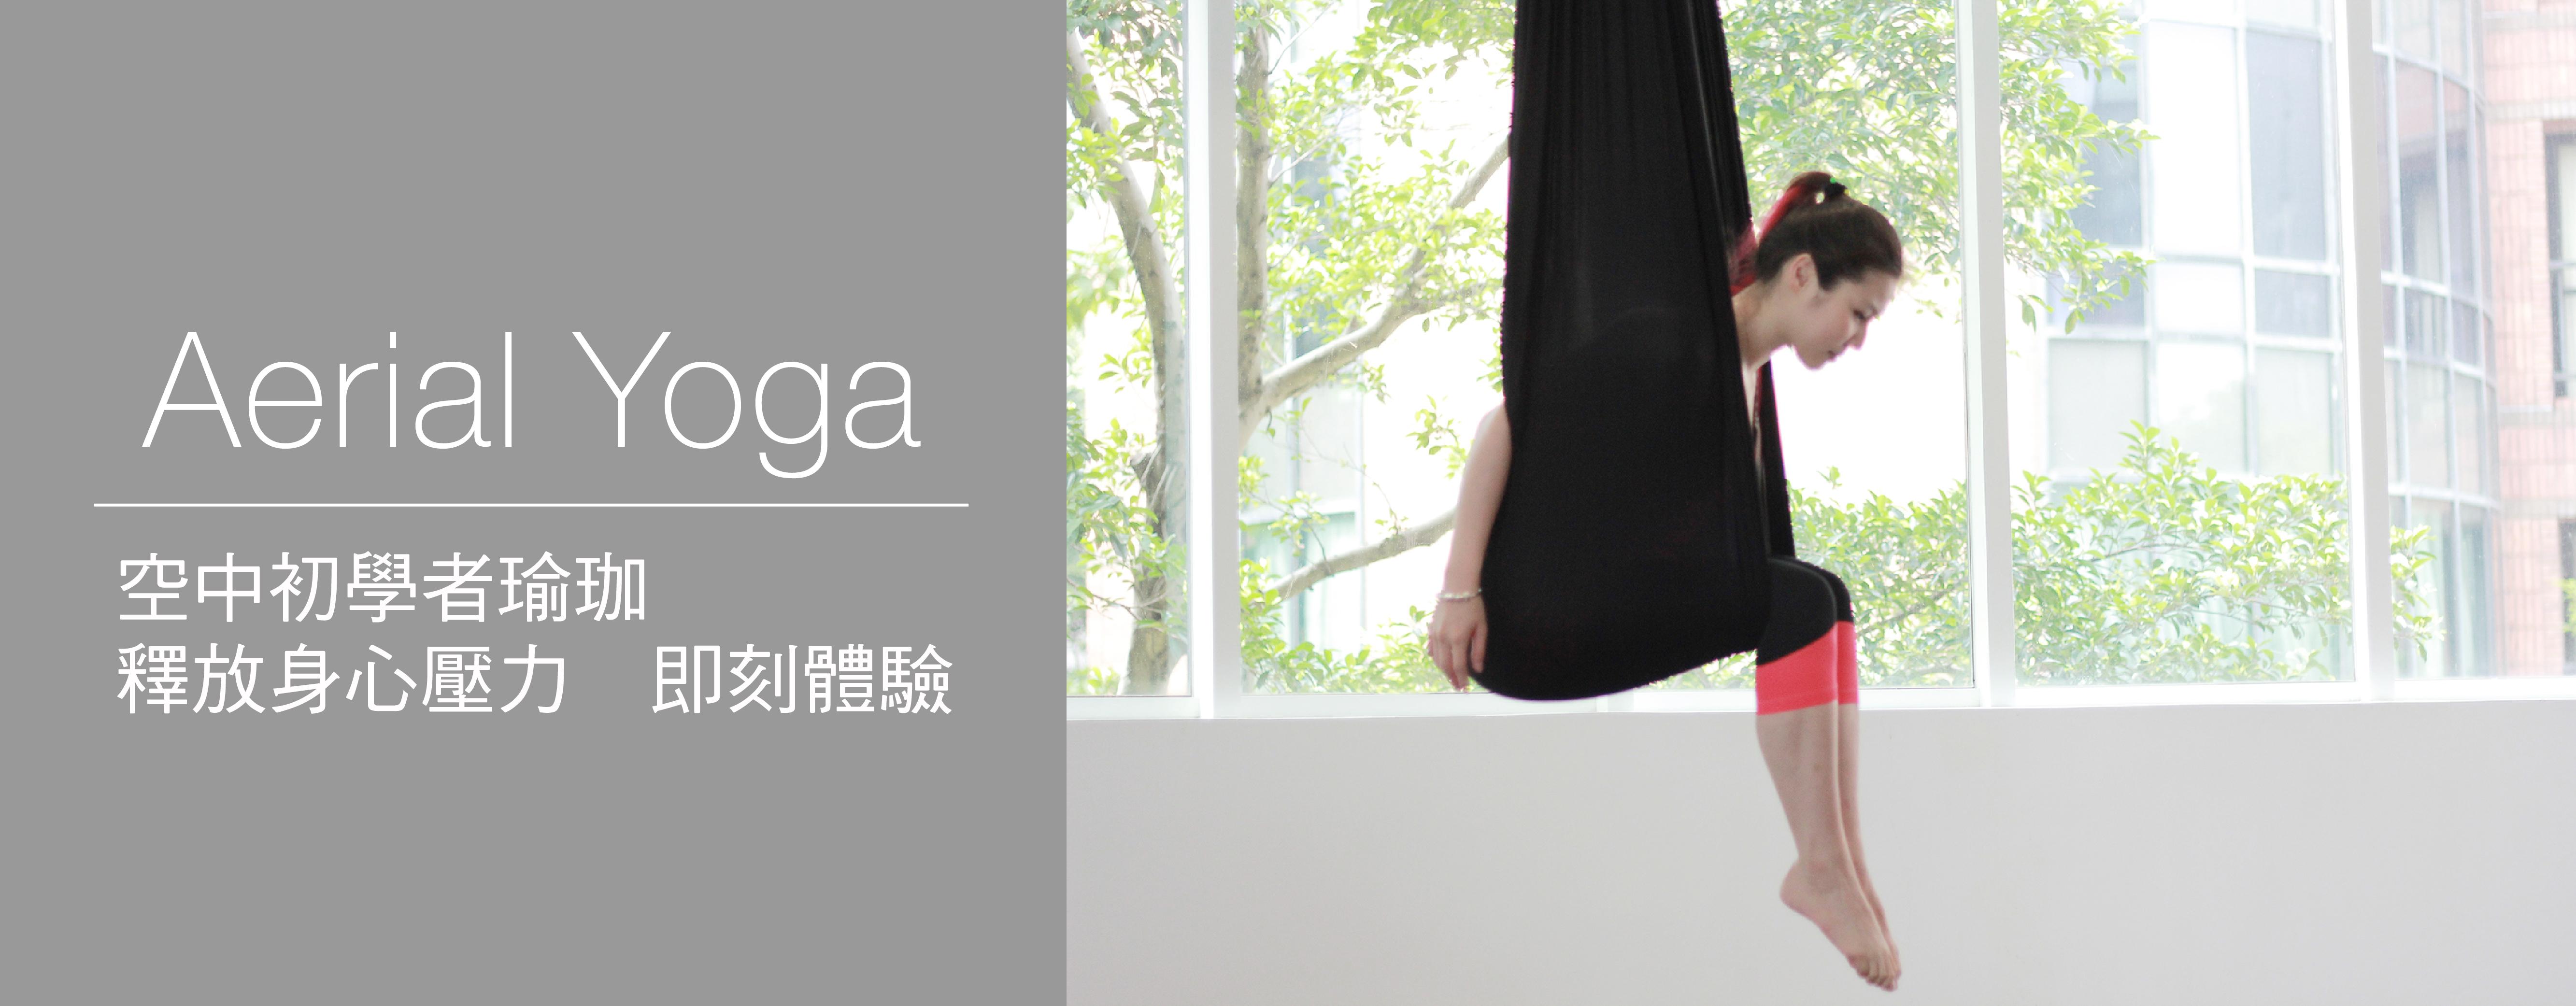 yogaworkshop